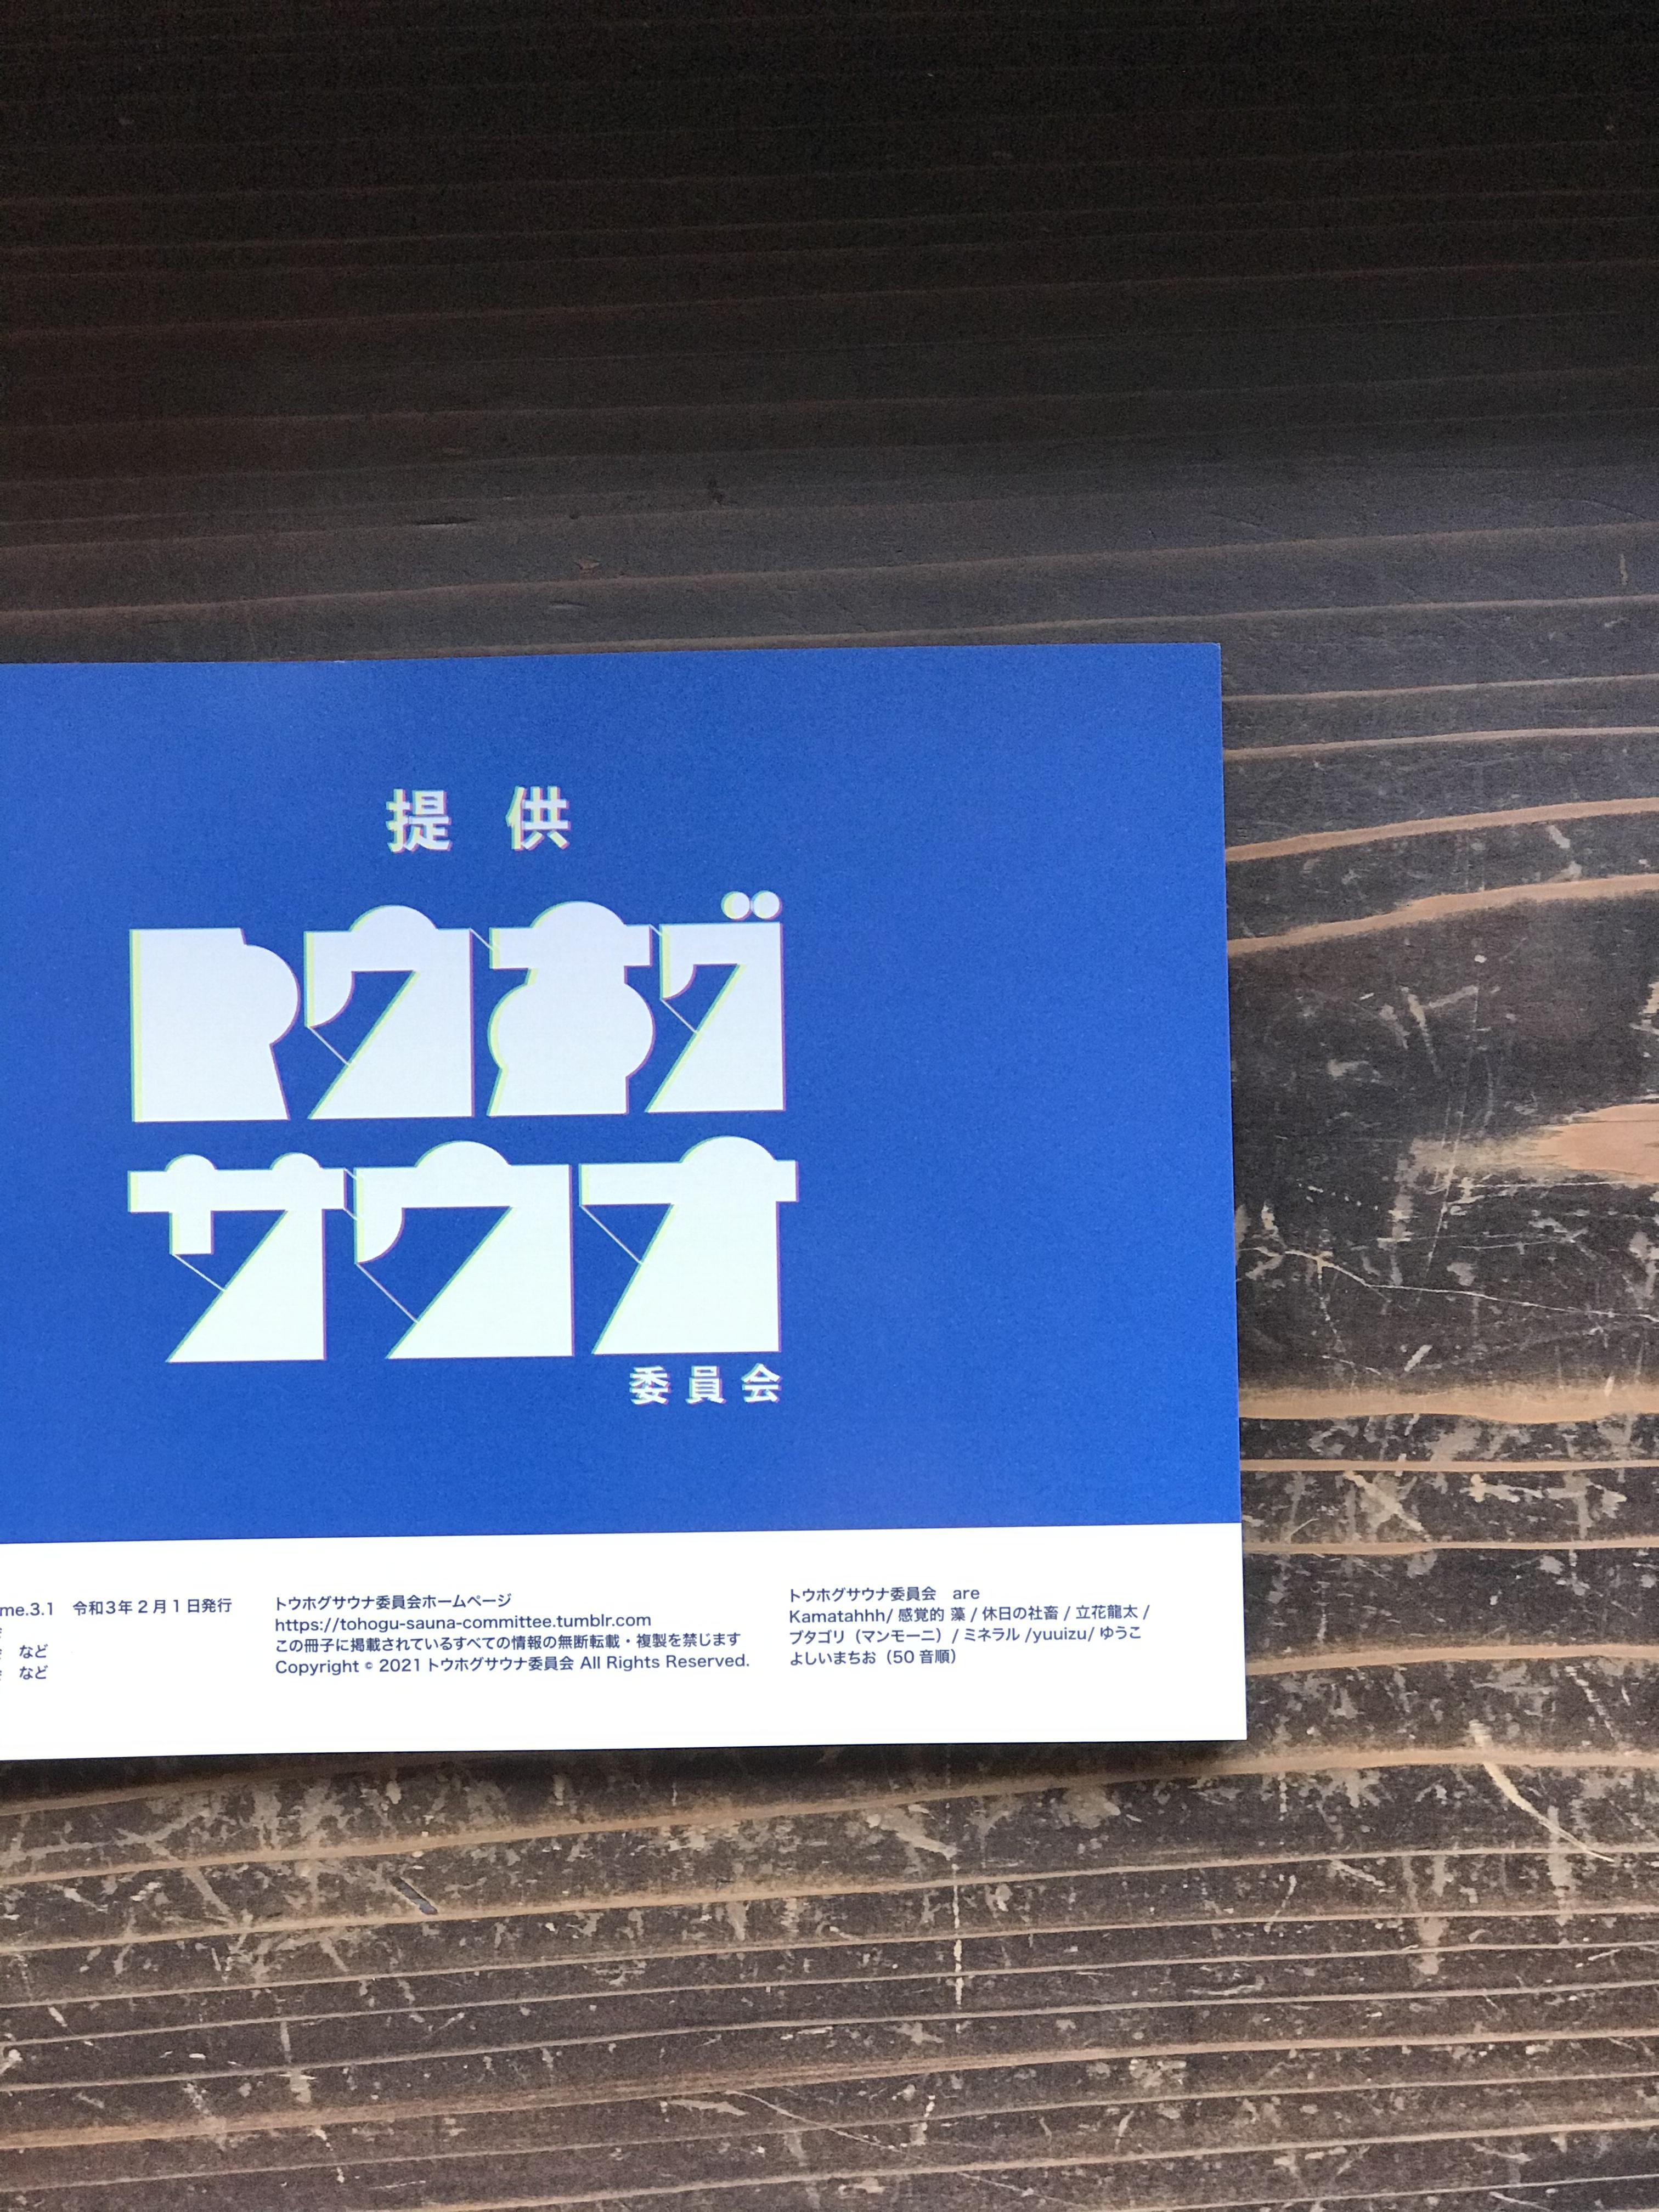 【委託】TOHOGU SAUNA ZINE vol.3.1(ZINE)